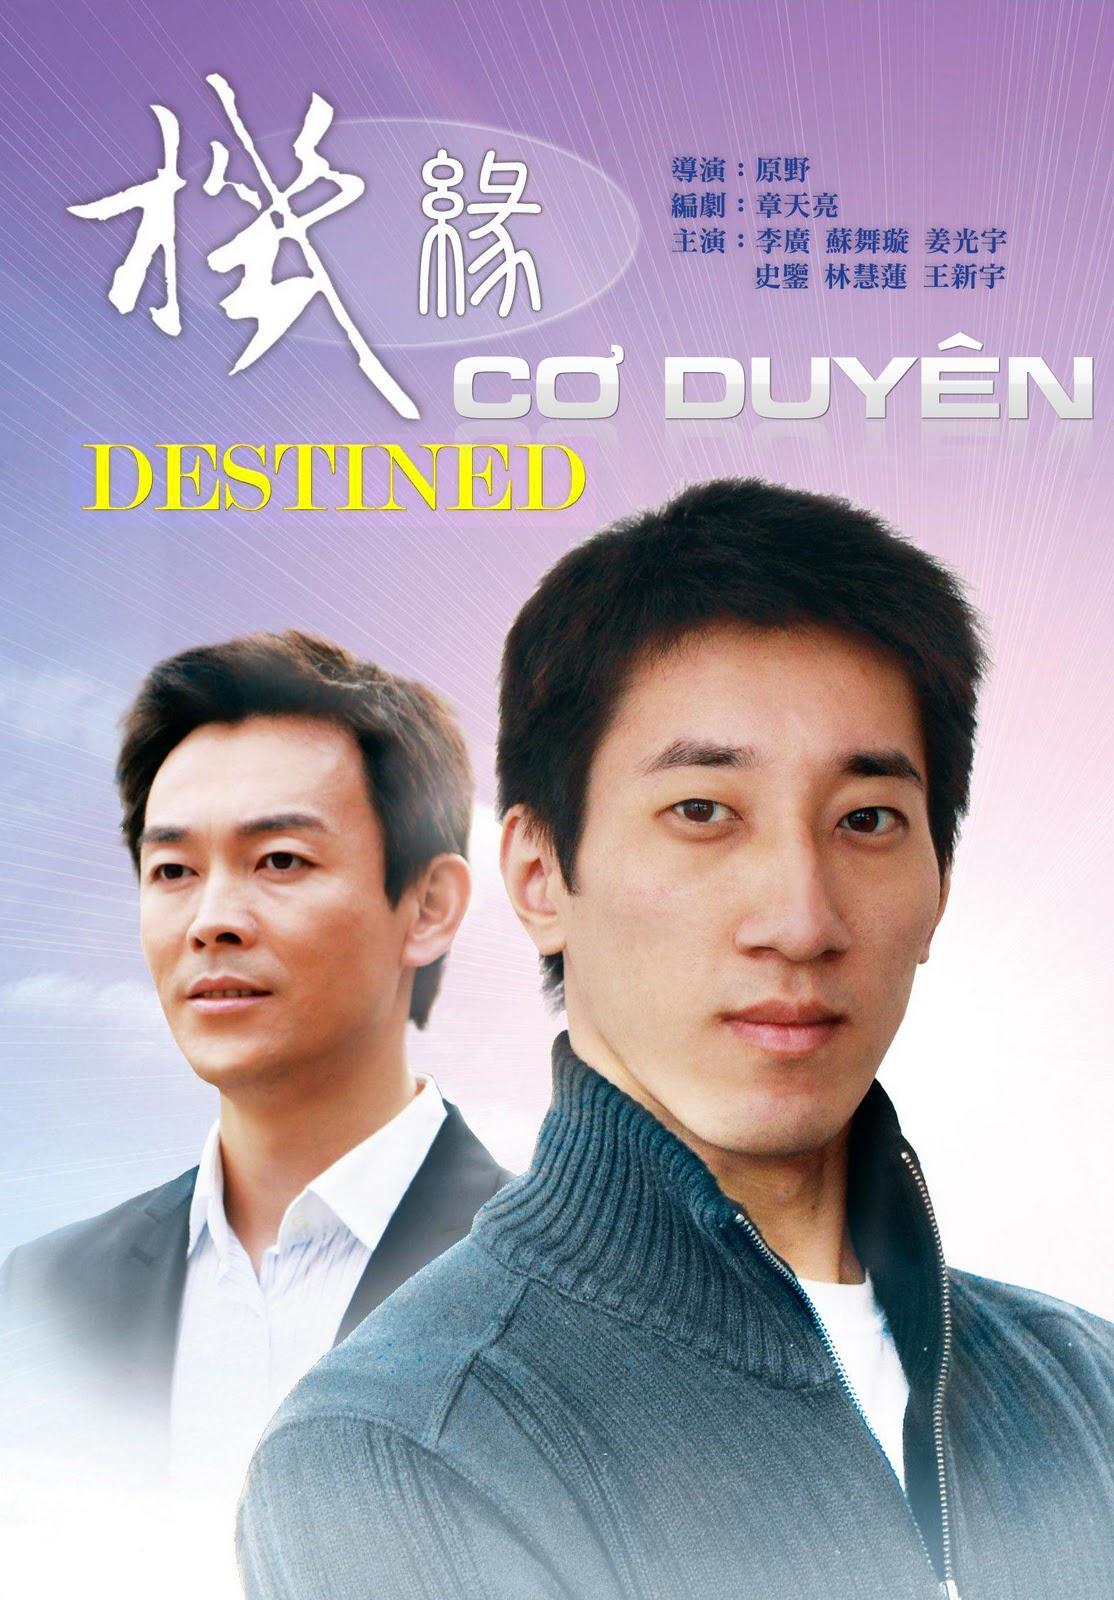 Cơ Duyên vietsub - Destined (Ji Yuan) vietsub